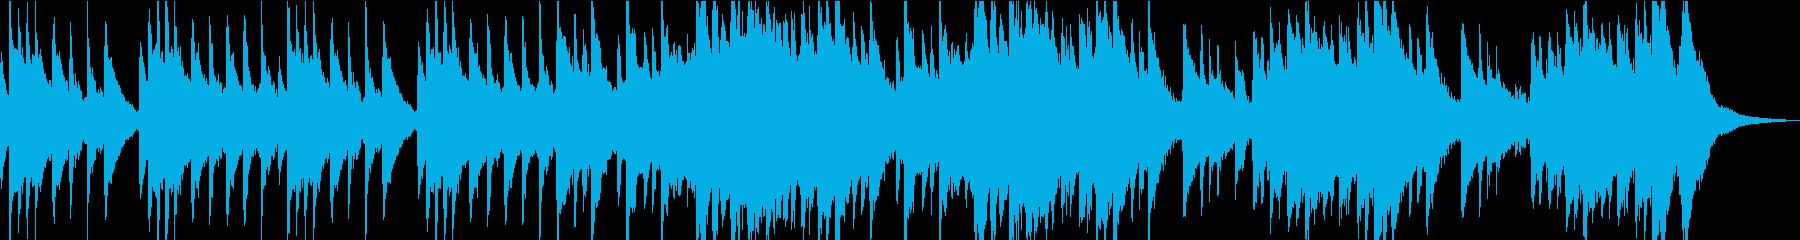 しっとりとした琴と尺八の再生済みの波形